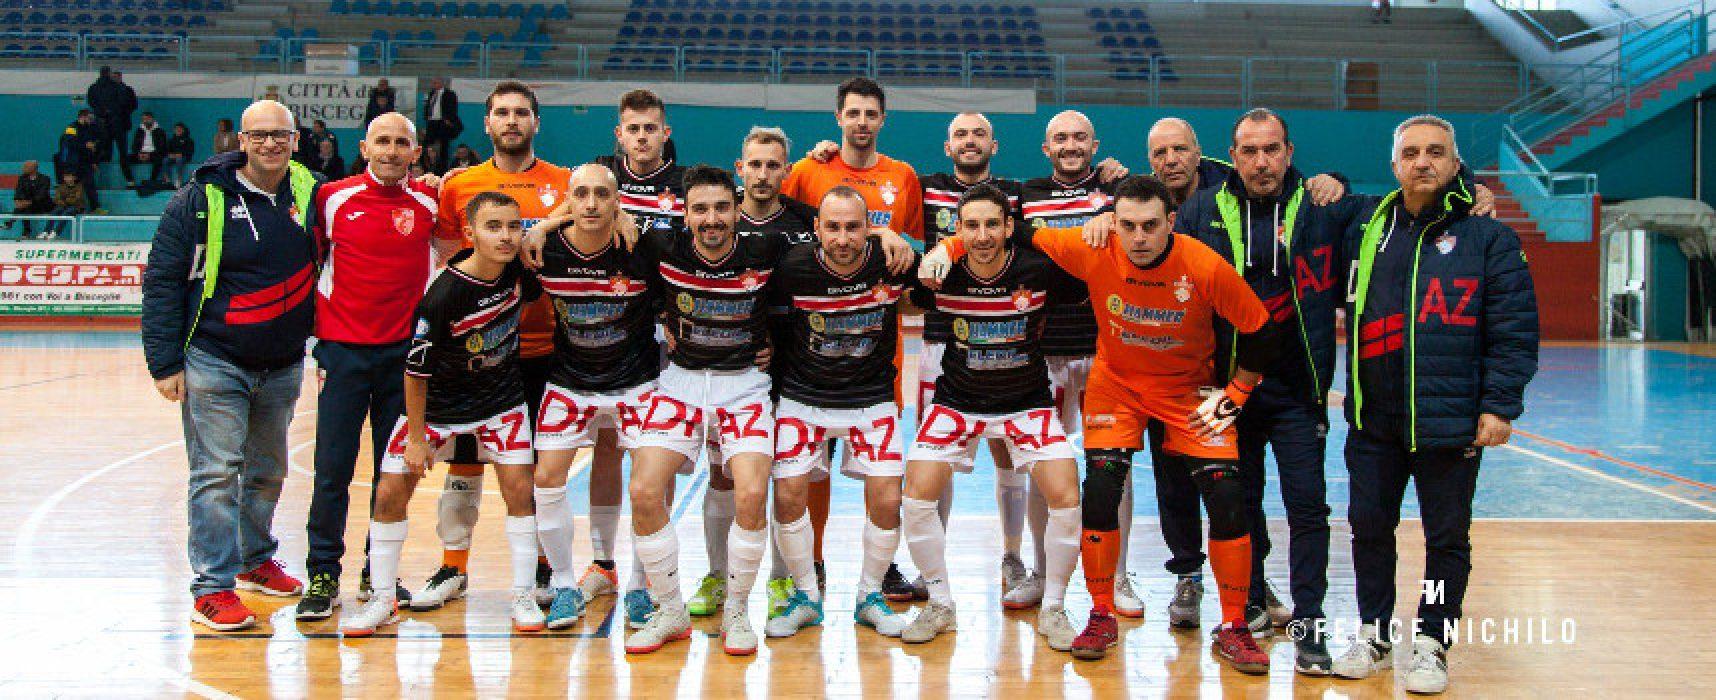 Calcio a 5, non disputata la gara tra Diaz e Real Dem. Ko Cinco e Futsal Bisceglie